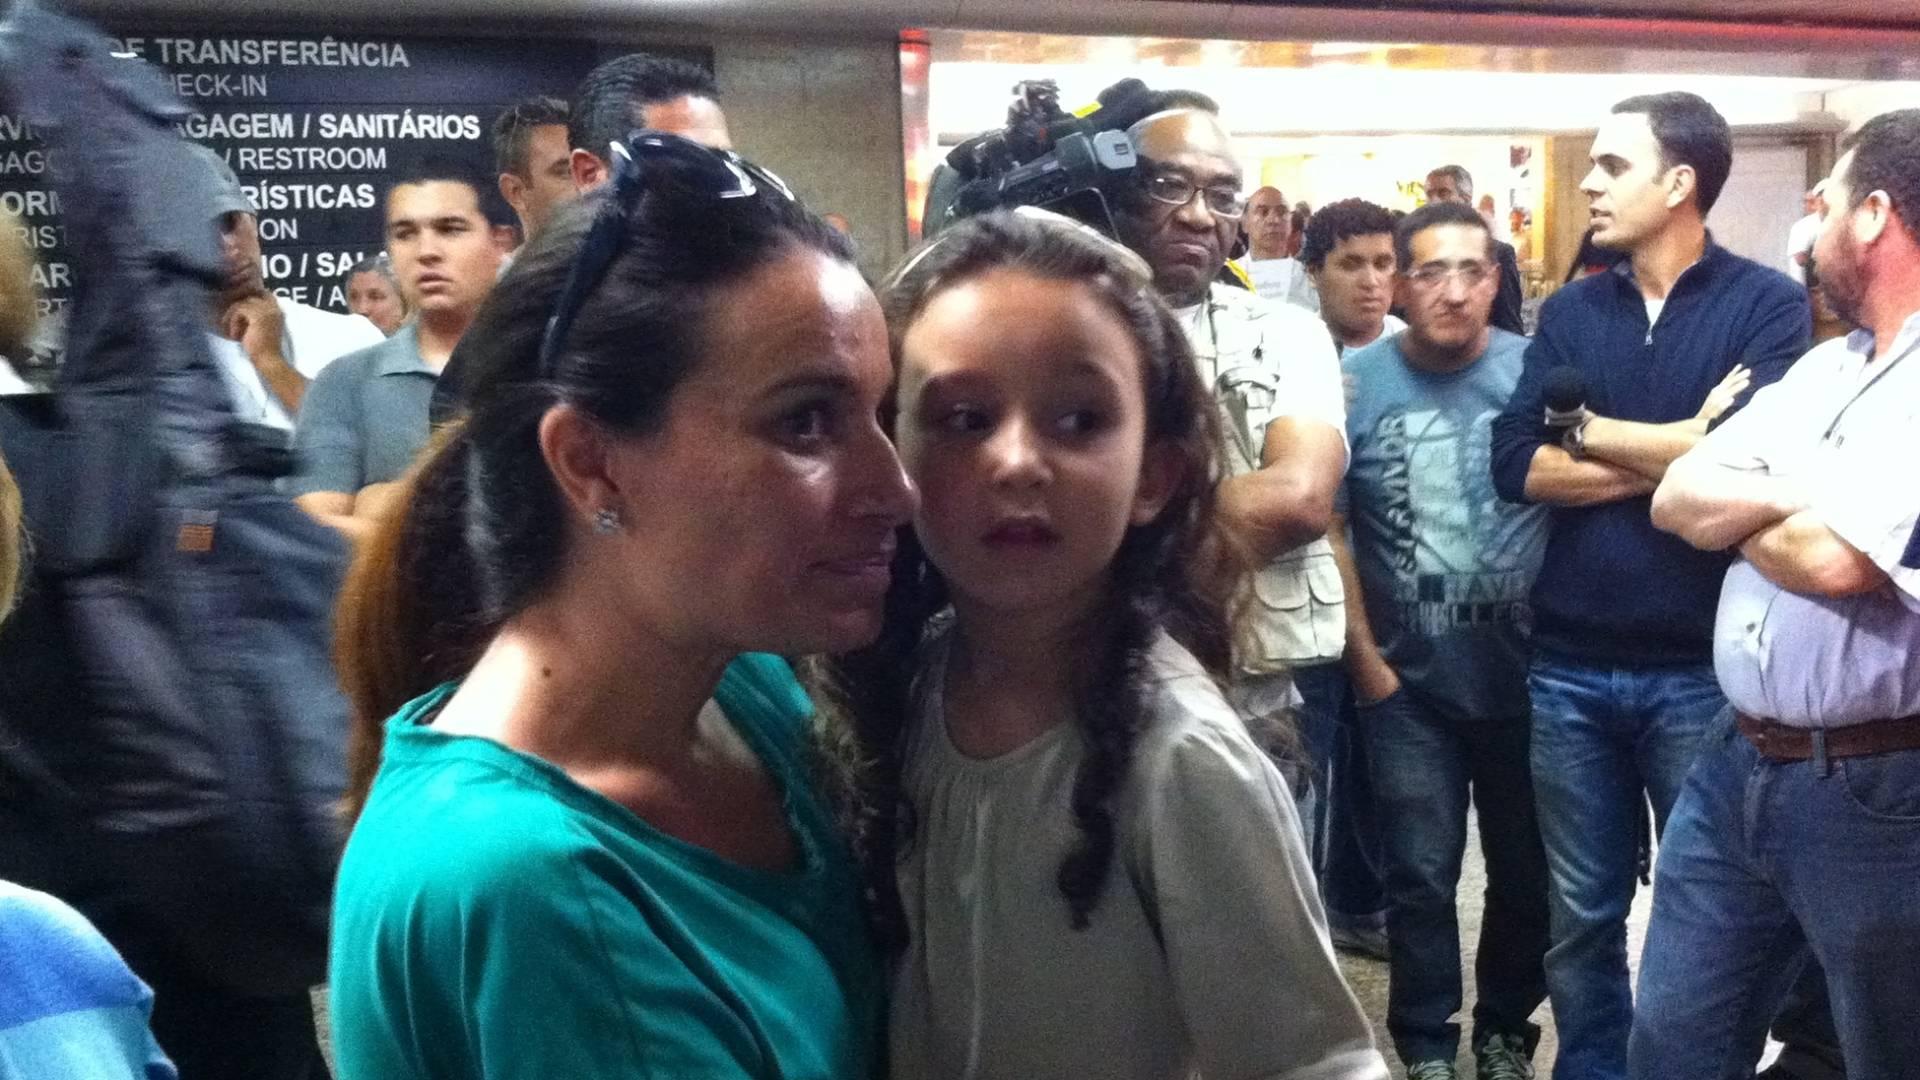 Familiares esperam Maurren no aeroporto de Guarulhos, na volta da saltadora depois de fracassar no Mundial de Daegu